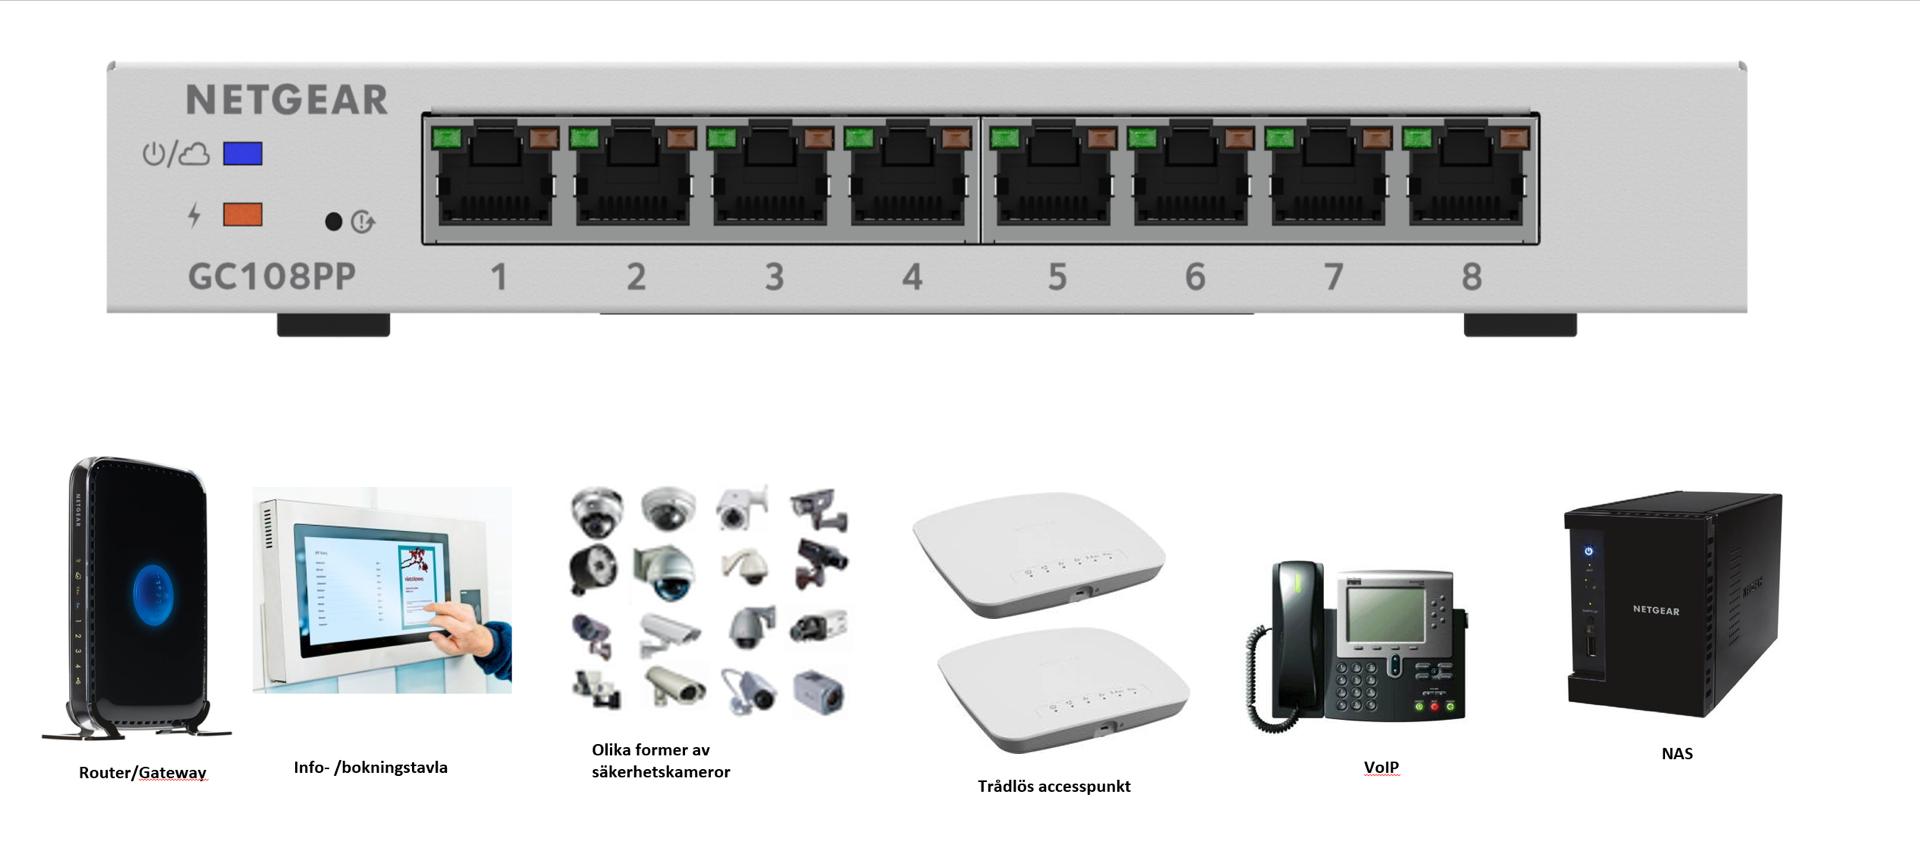 Netgear GC108PP-PoE-enheter